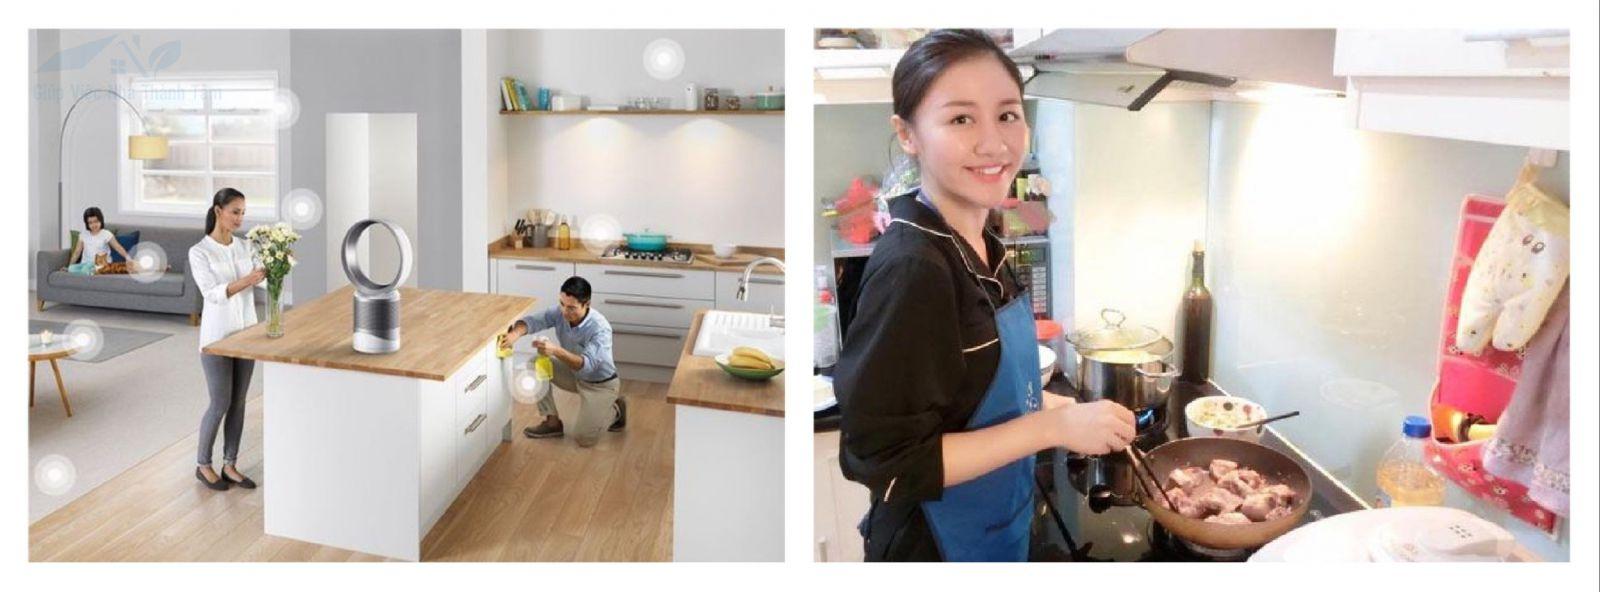 Dịch vụ giúp việc nhà tại huyện Hóc Môn